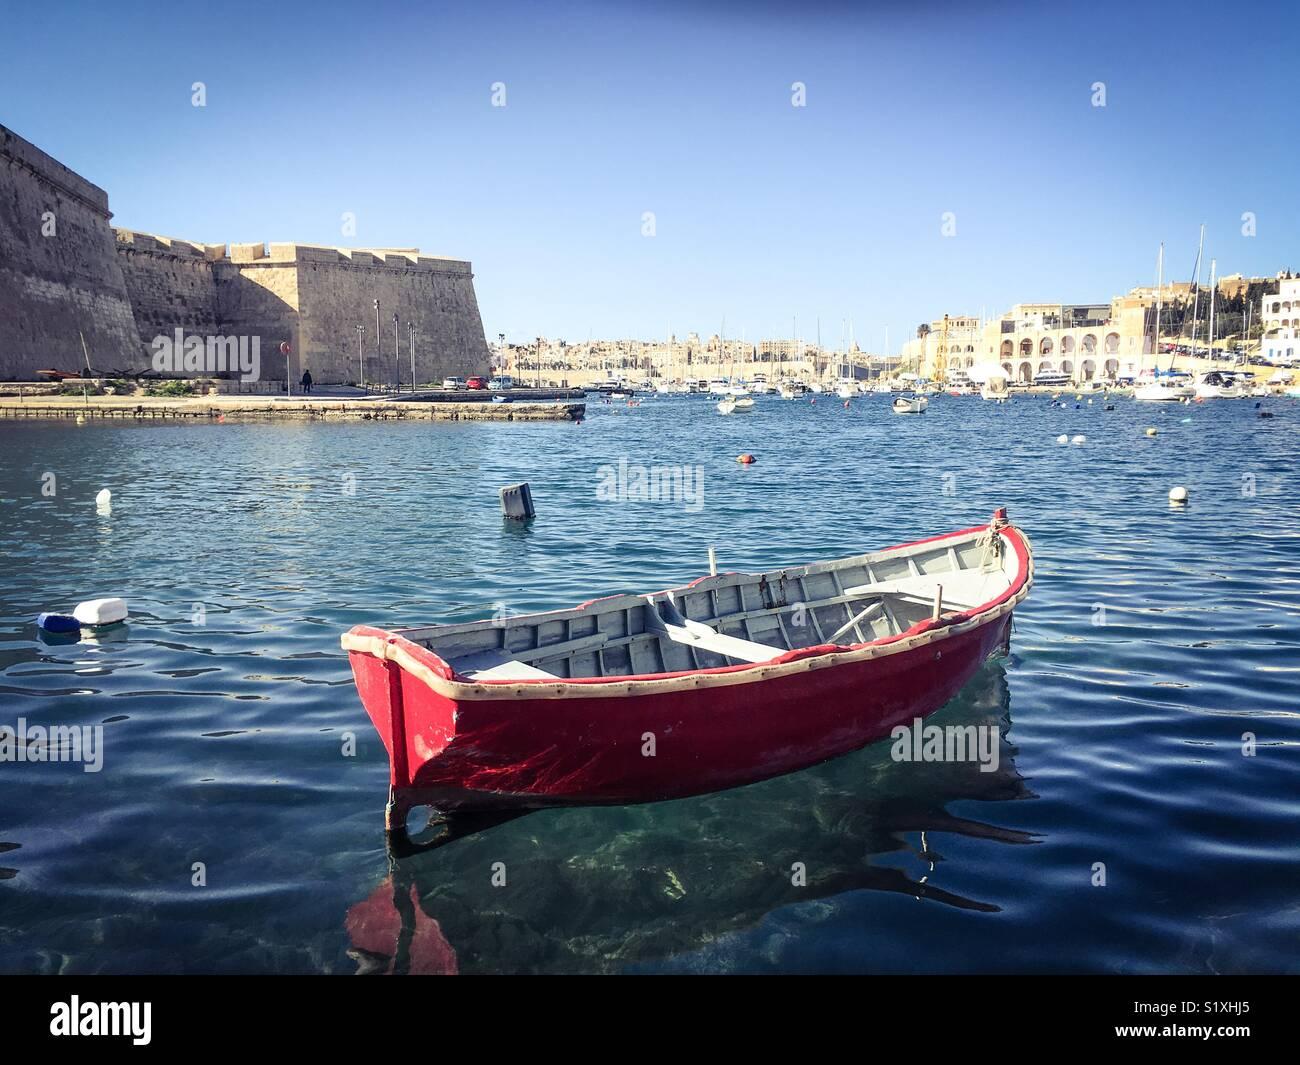 Petit bateau de pêche en bois rouge dans la baie, Kalkara, Malte Photo Stock